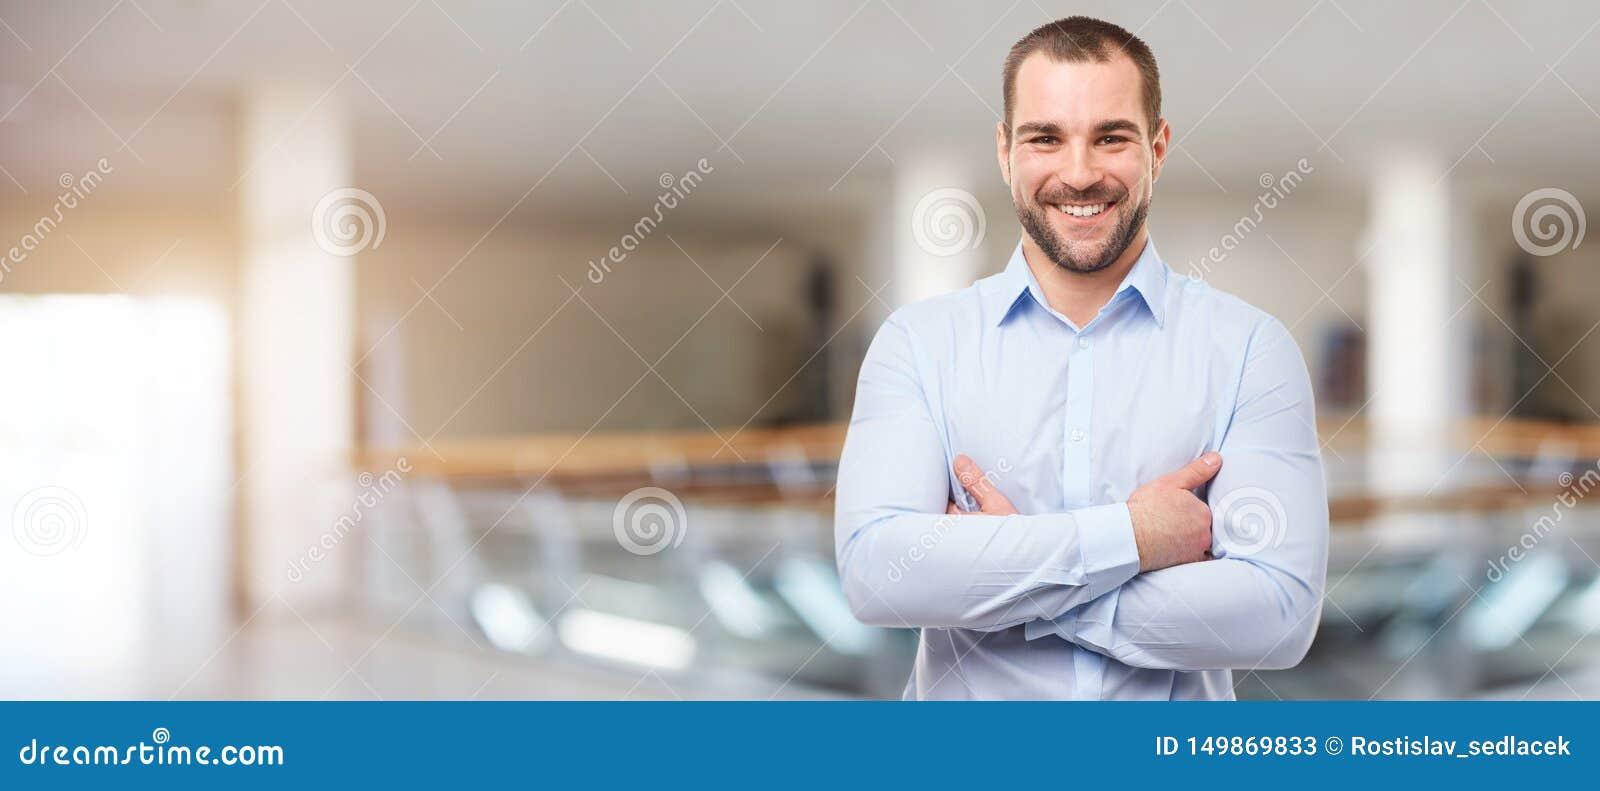 Homme au centre d affaires avec les bras croisés